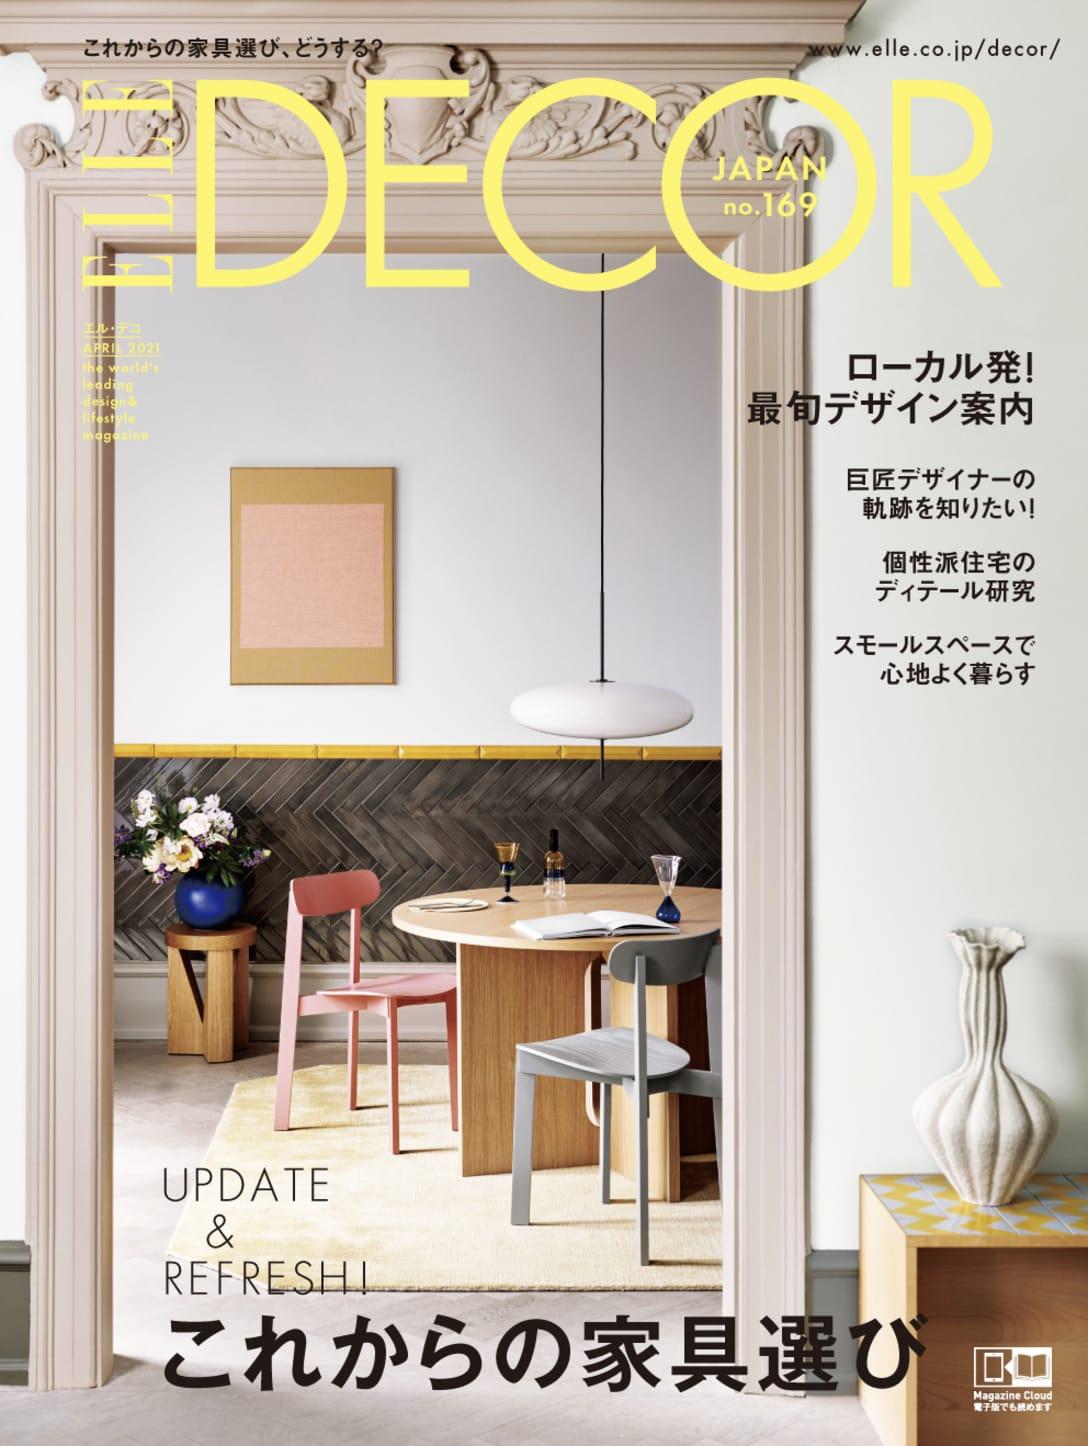 エル・デコ 2021年4月号『これからの家具選び』生活に大きな変化をもたらしたコロナ時代のモノ選びの基準について特集している。